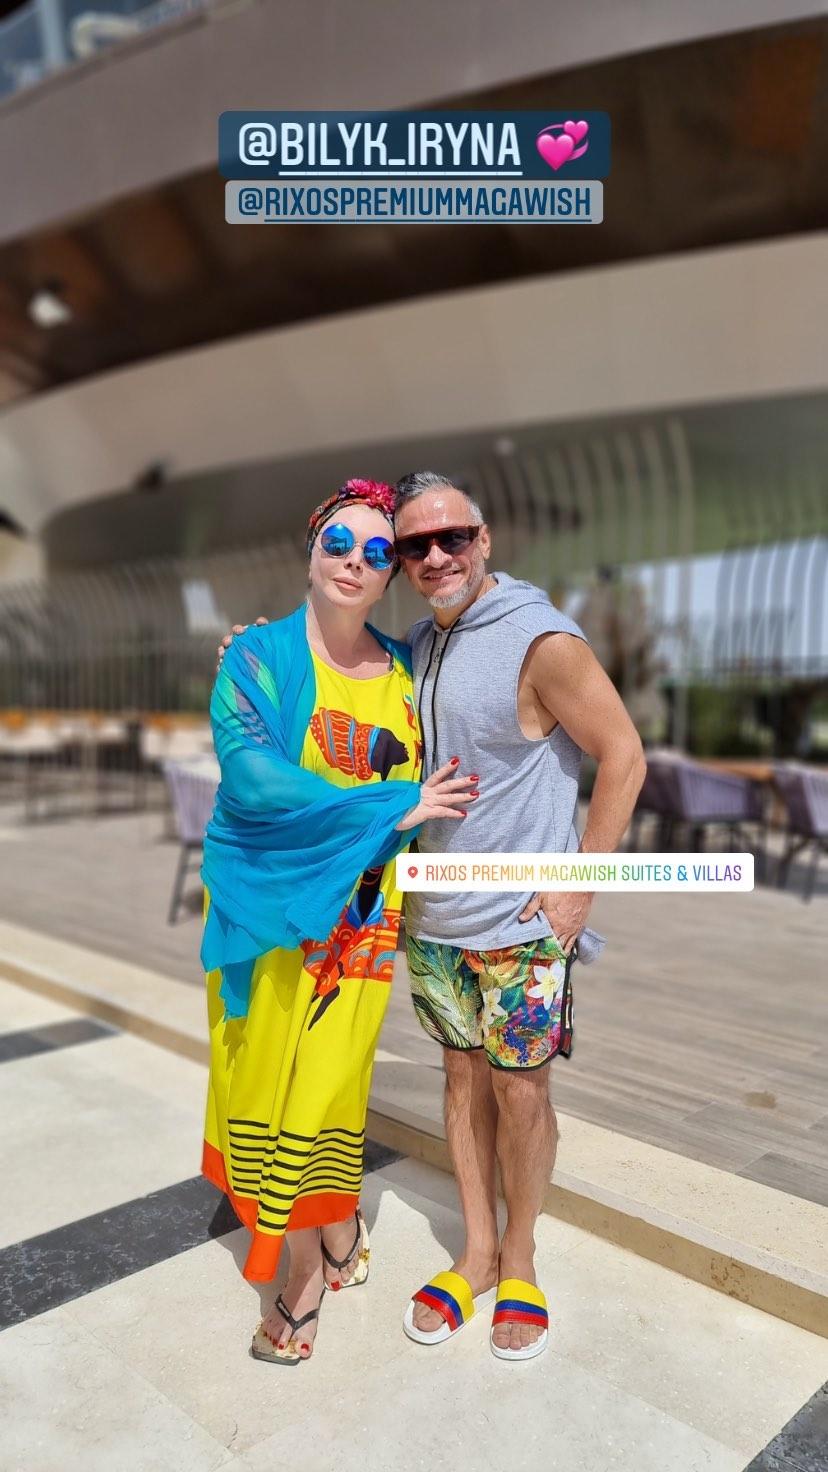 Ірина Білик без макіяжу вразила зовнішнім виглядом на відомому курорті: не впізнати